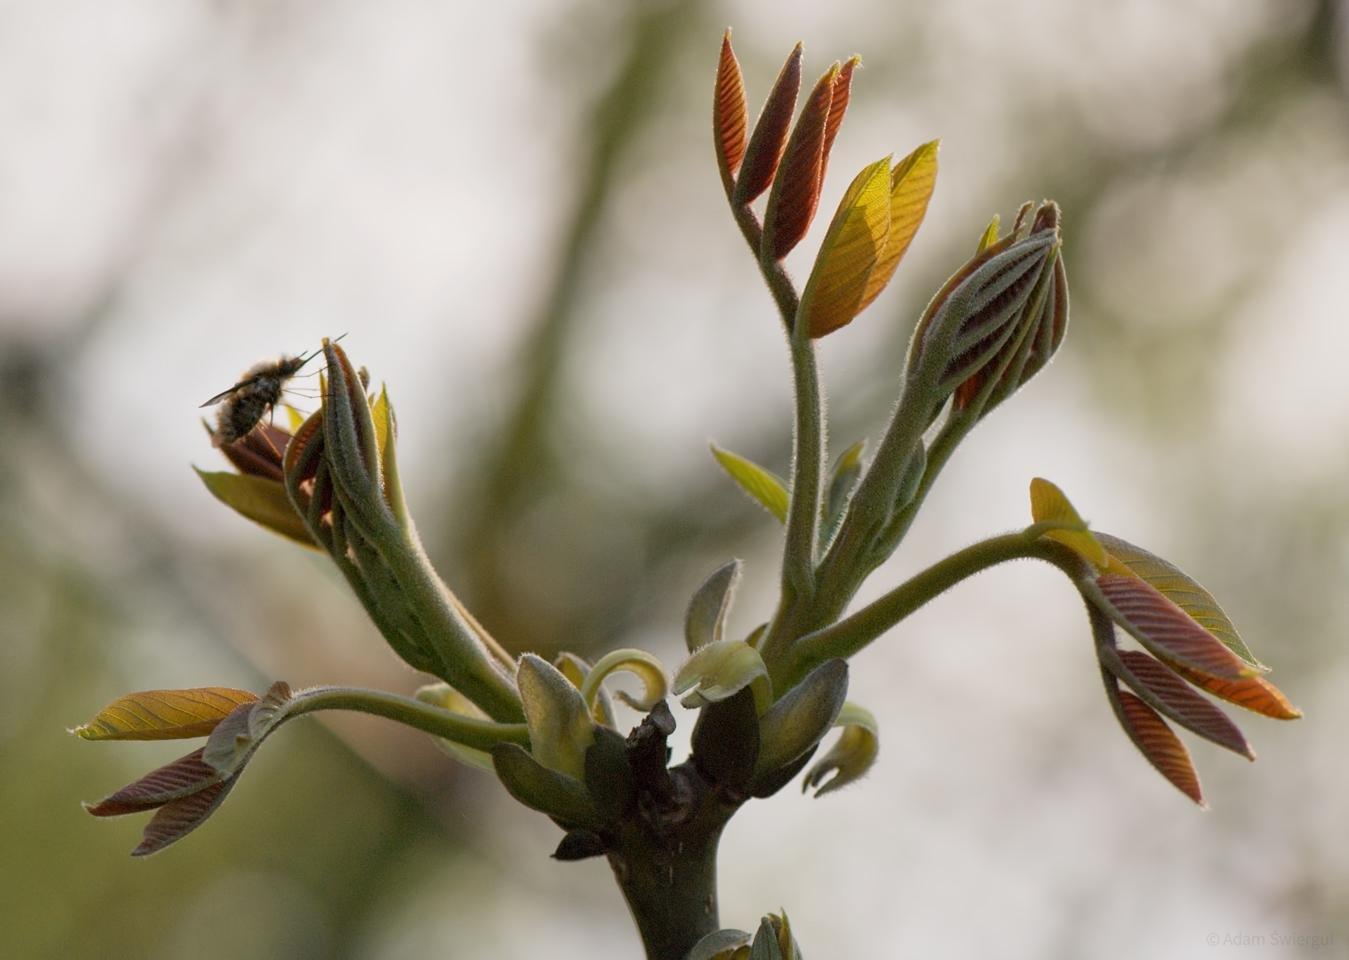 Rozwijanie liści